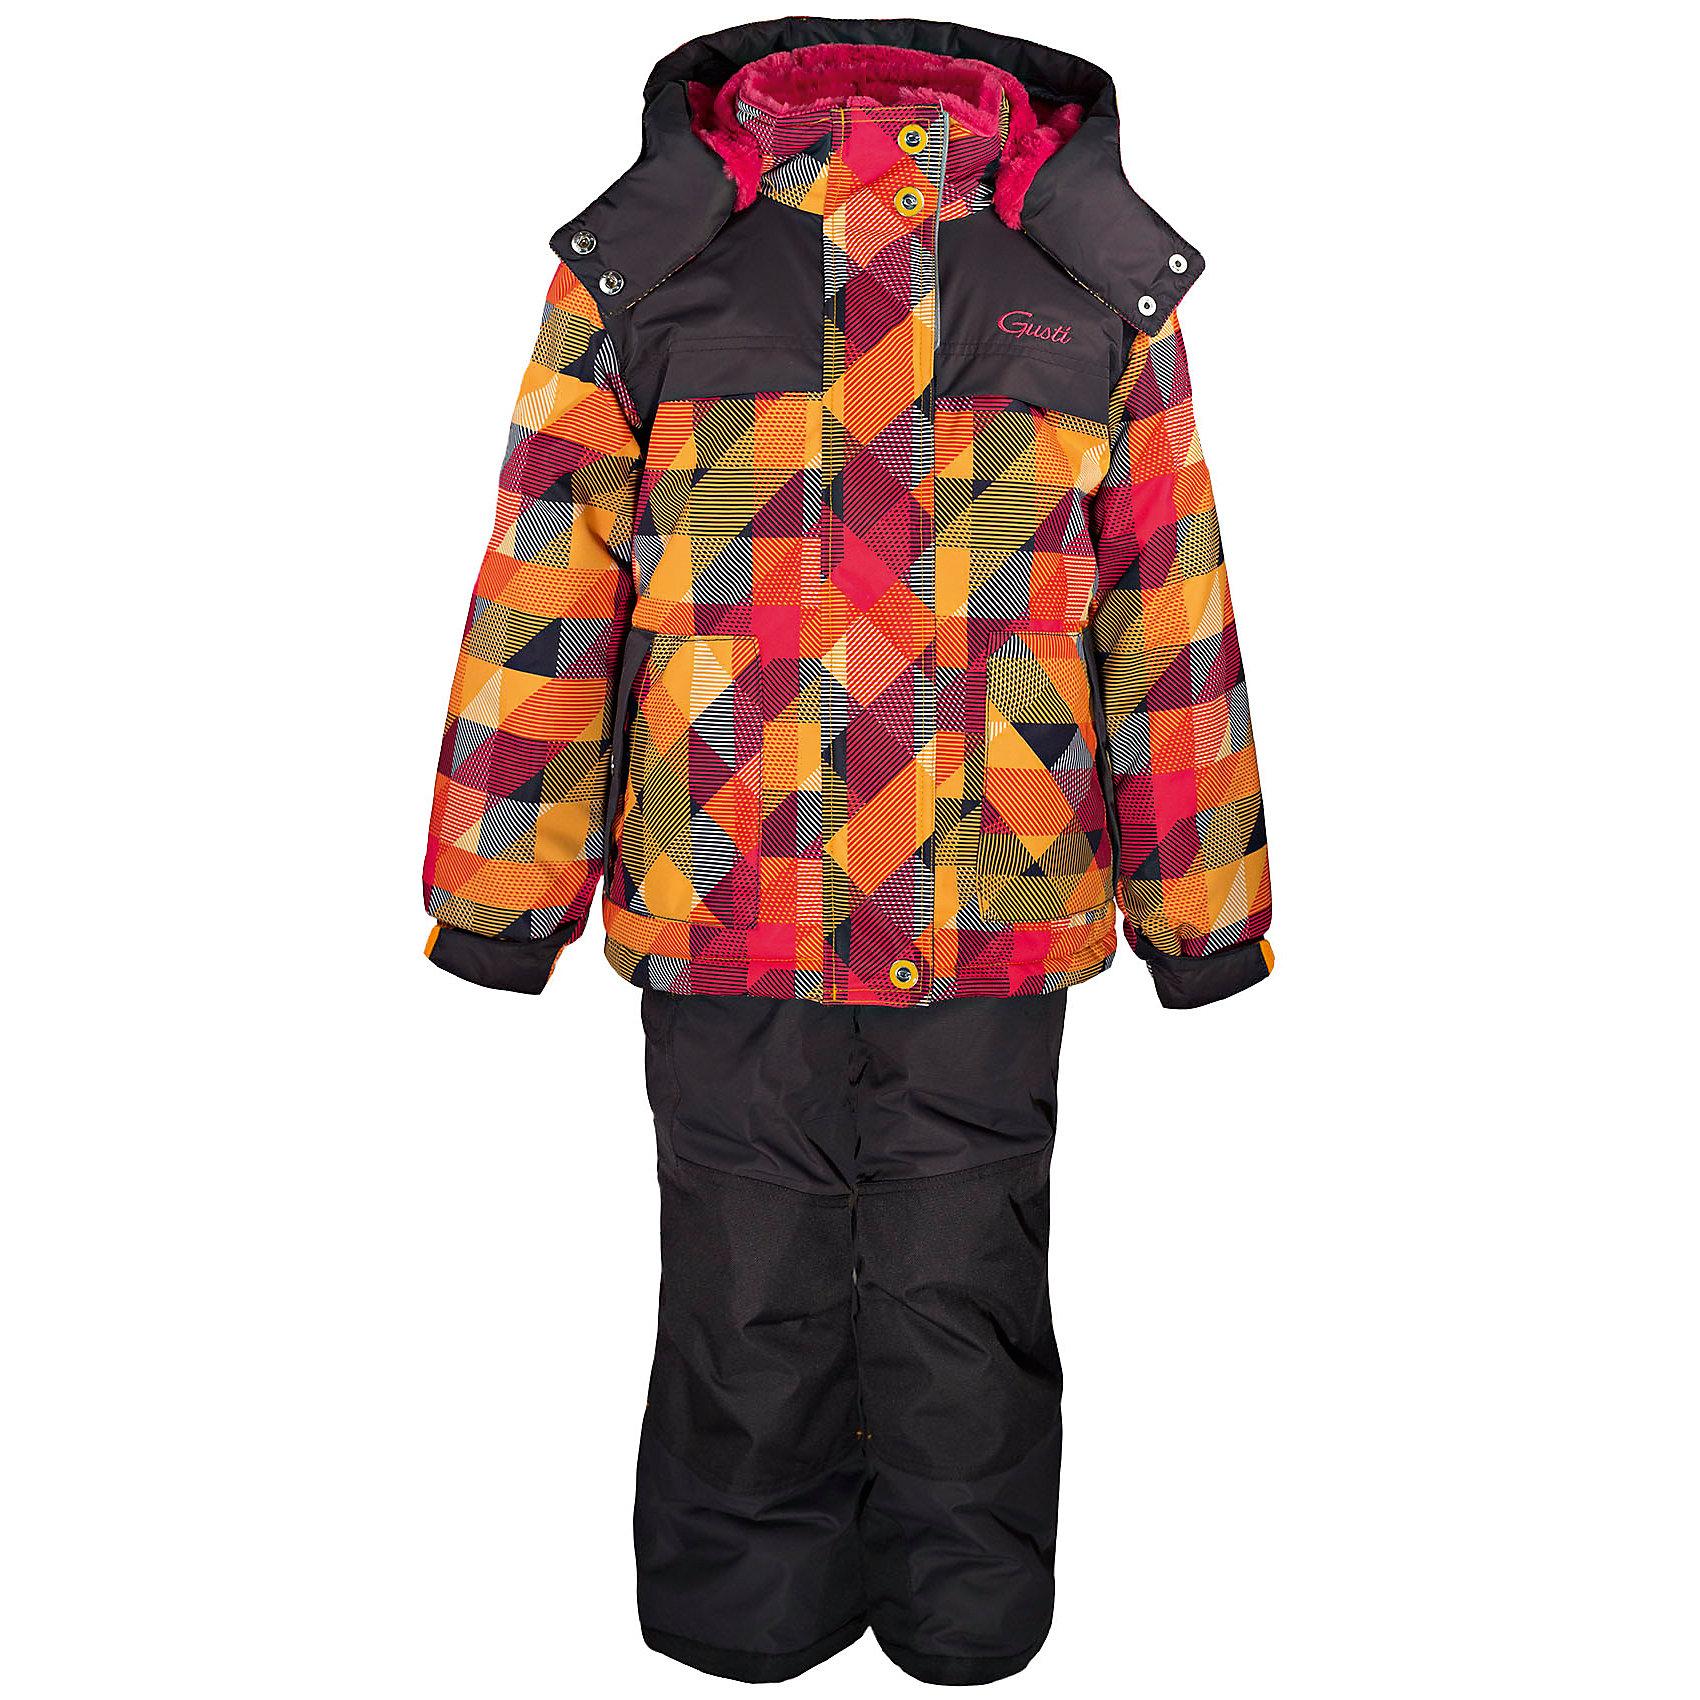 Комплект: куртка и полукомбинезон GUSTIКомплект: куртка и полукомбинезон GUSTI (ГУСТИ) – это идеальный вариант для суровой зимы с сильными морозами.<br><br>Температурный режим: до -30  градусов. Степень утепления – высокая. <br><br>* Температурный режим указан приблизительно — необходимо, прежде всего, ориентироваться на ощущения ребенка. Температурный режим работает в случае соблюдения правила многослойности – использования флисовой поддевы и термобелья.<br><br>Комплект от GUSTI (ГУСТИ) состоит из куртки и полукомбинезона, выполненных из плотного непромокаемого материала с защитной от влаги мембраной 5000 мм. Тань хорошо сохраняет тепло, отталкивает влагу и позволяет коже ребенка дышать. Утеплитель из тек-полифилла и флисовая внутренняя отделка на груди и на спинке дают возможность использовать комплект при очень низких температурах. Куртка застегивается на молнию с ветрозащитной планкой, имеет два кармана, высокий ворот с защитой подбородка, снегозащитную юбку, трикотажные манжеты в рукавах, отстёгивающийся капюшон с подкладкой из искусственного меха. Полукомбинезон застегивается на молнию, имеет накладной карман с клапаном на липучке, регулируемые лямки, снегозащитные гетры. Длина брючин регулируется (отворот с креплением на липе). Сзади, на коленях, и по низу брючин имеется дополнительный слой ткани Cordura Oxford (сверхстойкий полиэстер). До размера 6х (120 см.) у полукомбинезона высокая грудка, в размерах 7 (122 см.) - 14 (164см) отстегивающаяся спинка, грудки нет. Модель подходит для прогулок на морозе до -30 градусов.<br><br>Дополнительная информация:<br><br>- Сезон: зима<br>- Пол: девочка<br>- Температурный режим до -30 градусов<br>- Материал верха: куртка - shuss 5000мм (100% полиэстер); брюки - taslan 5000мм, накладки Cordura Oxford сзади, на коленях, и по низу брючин<br>- Наполнитель: куртка - тек-полифилл плотностью 283 гр/м (10 унций) 100% полиэстер; брюки - тек-полифилл плотностью 170 гр/м (6 унций) 100% полиэстер<br>- Подкладка: куртка - флис на груд